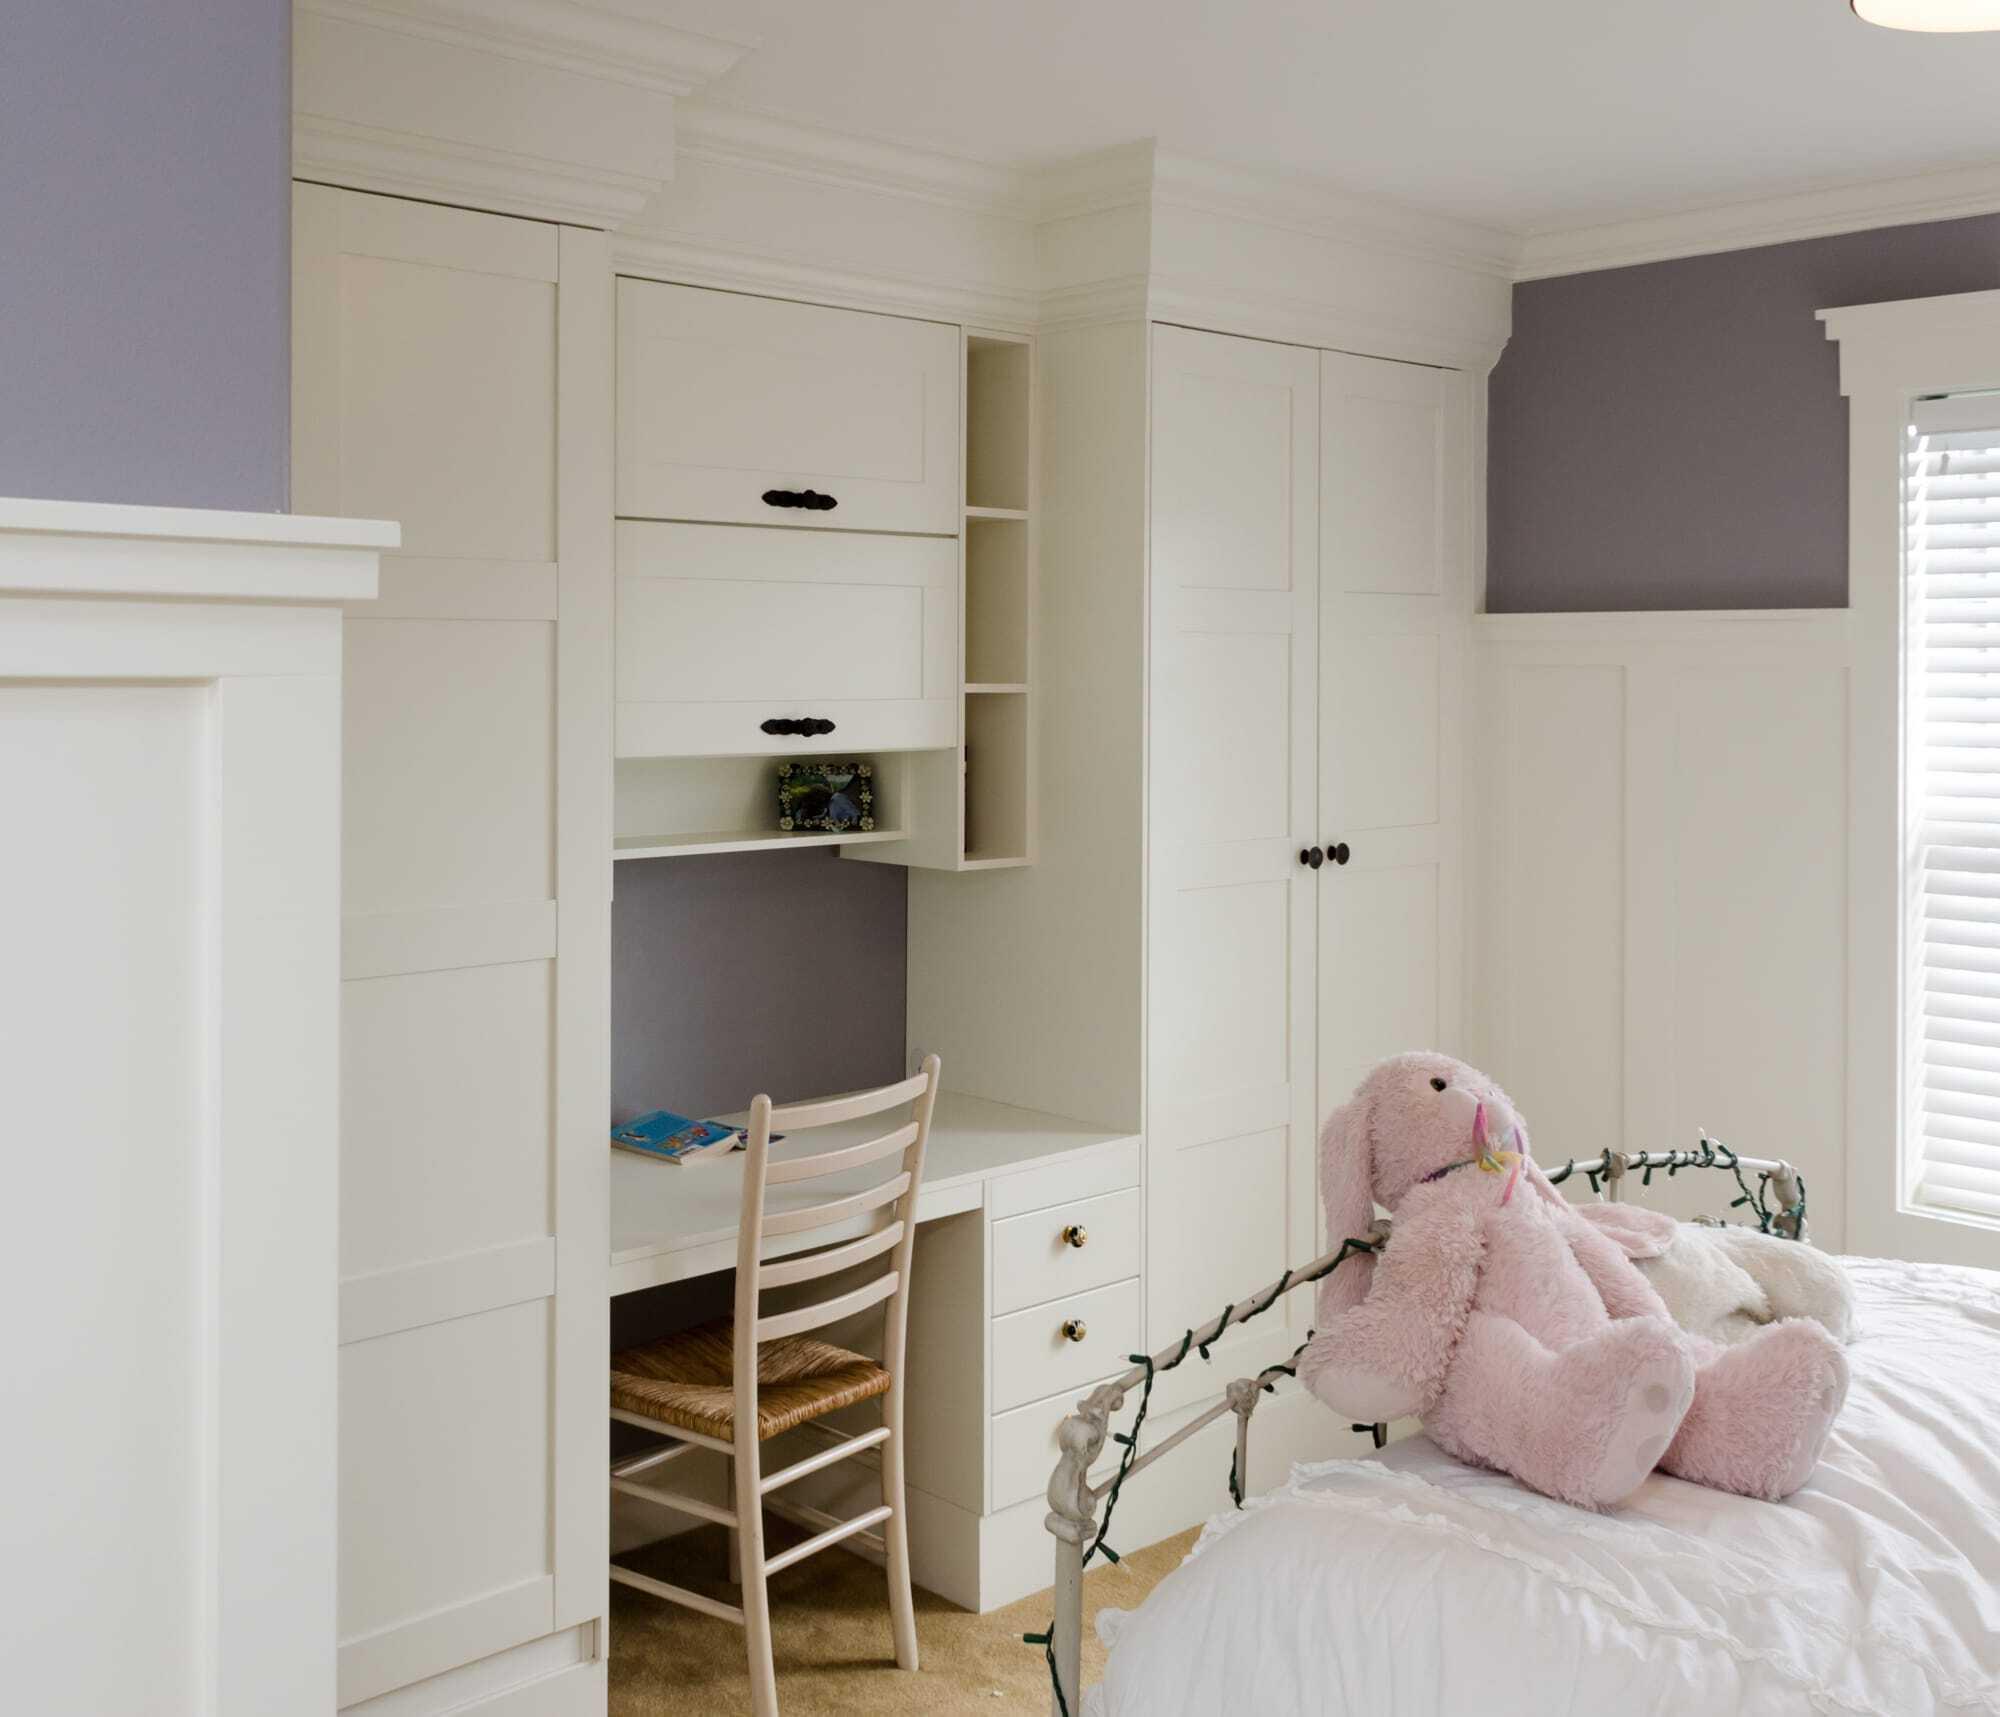 Ikea Wohnzimmer Einrichtungsideen ~ Working With IKEA's PAX Wardrobe Units – NW homeworks